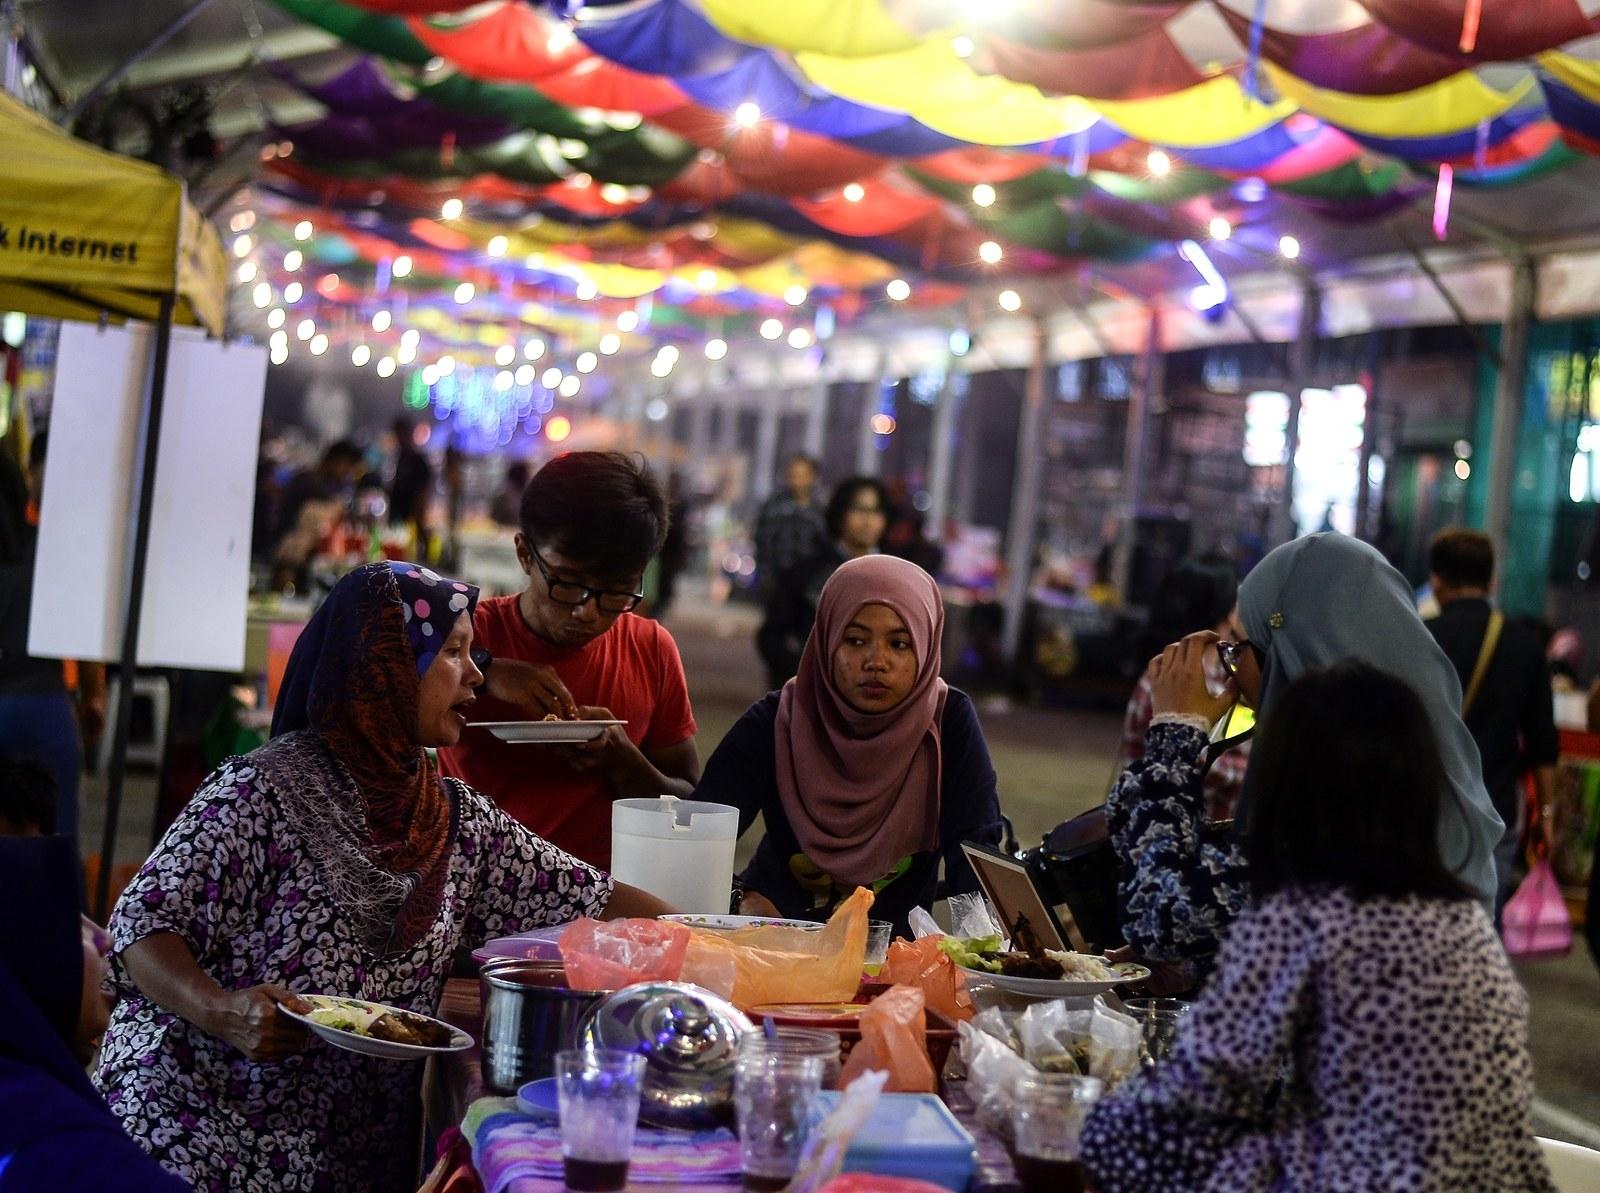 профессиональные фотографии рамадан гиперактивностью, рассеянным внимание